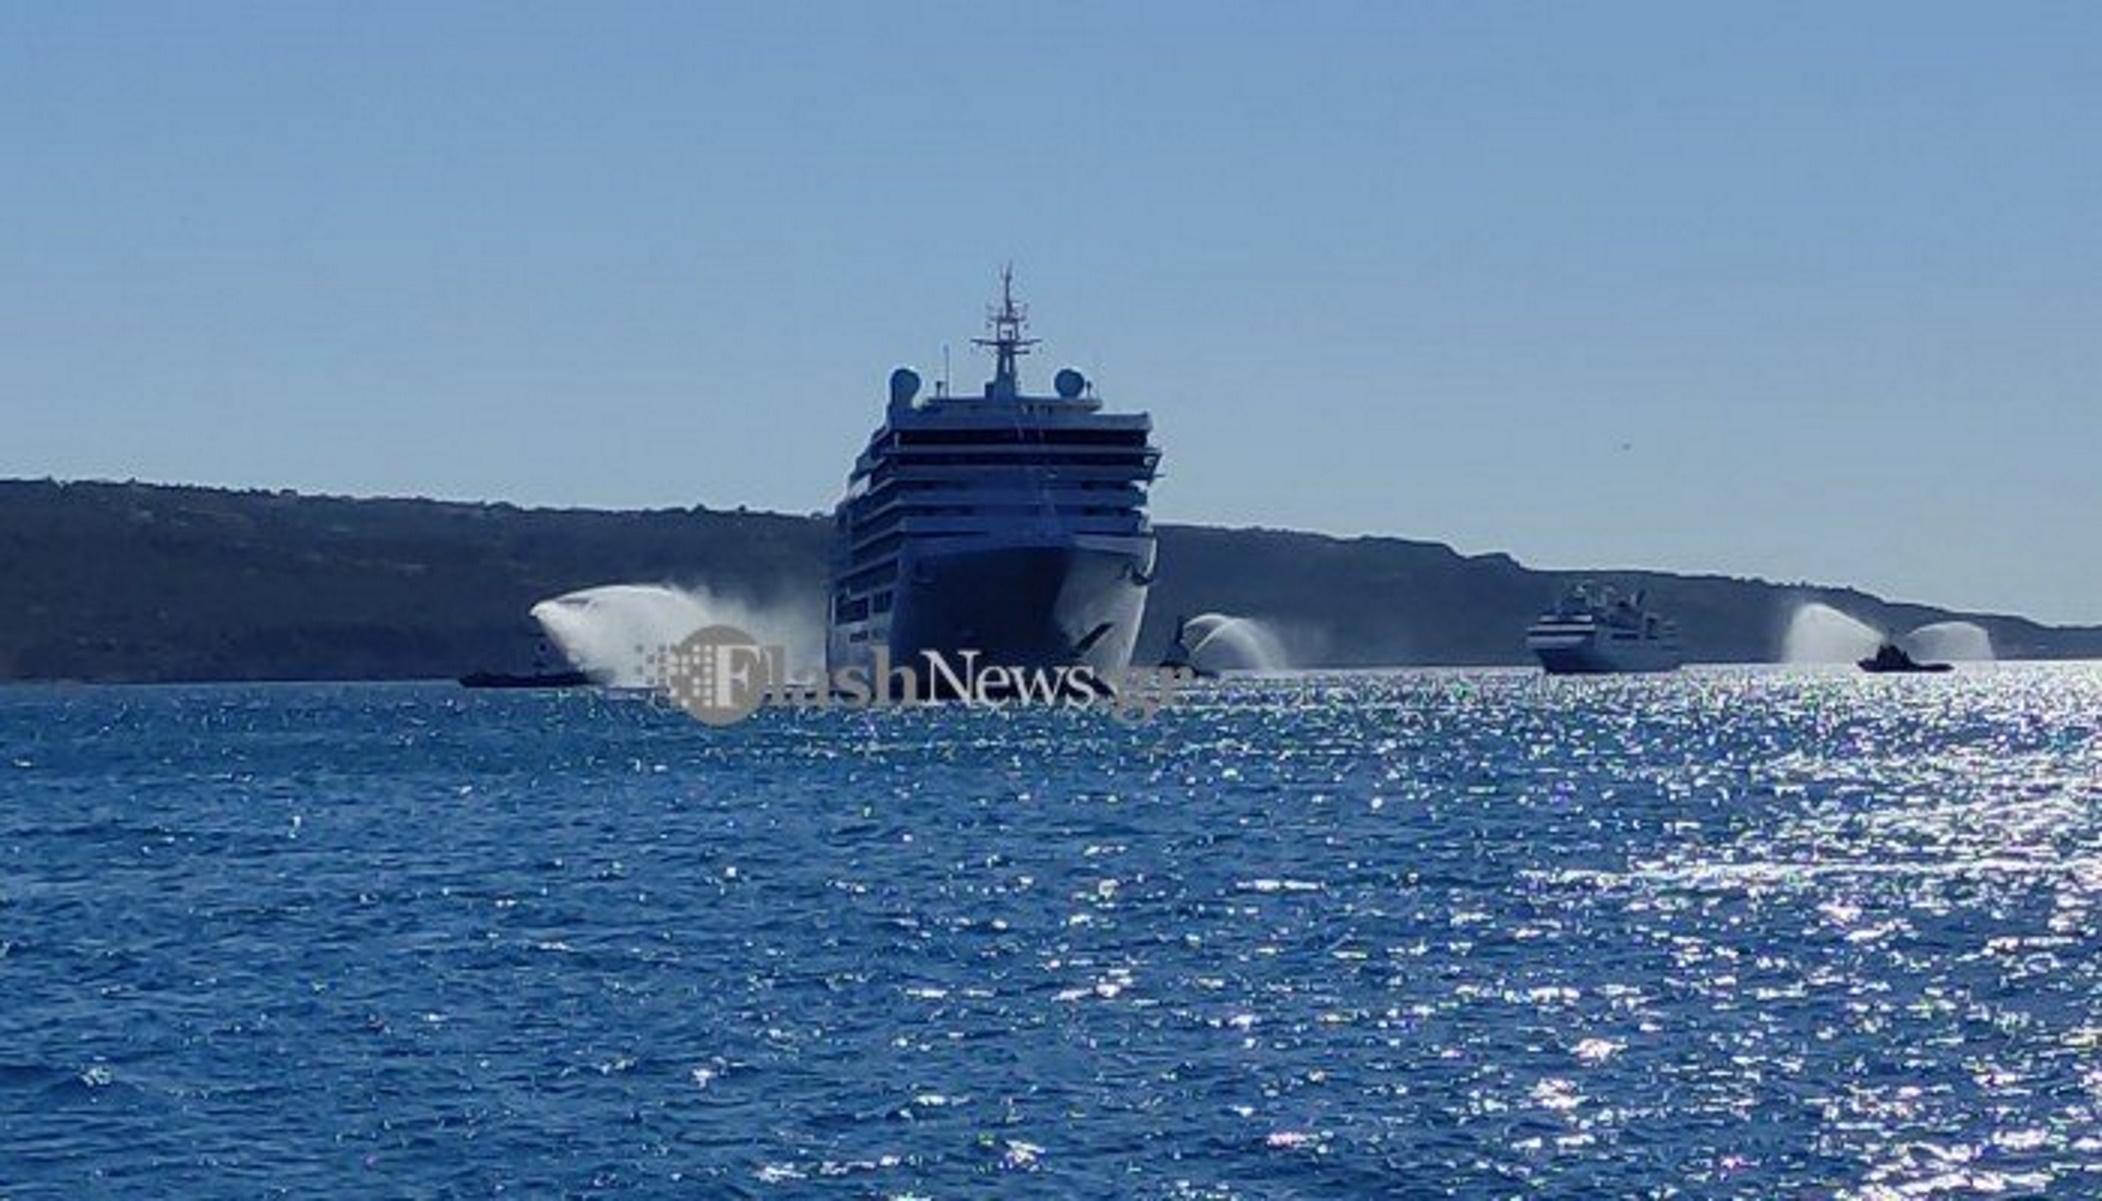 Xανιά: Με αψίδες νερού καλωσόρισαν τα δύο πρώτα κρουαζιερόπλοια – Εντυπωσιακά πλάνα (pics, vid)